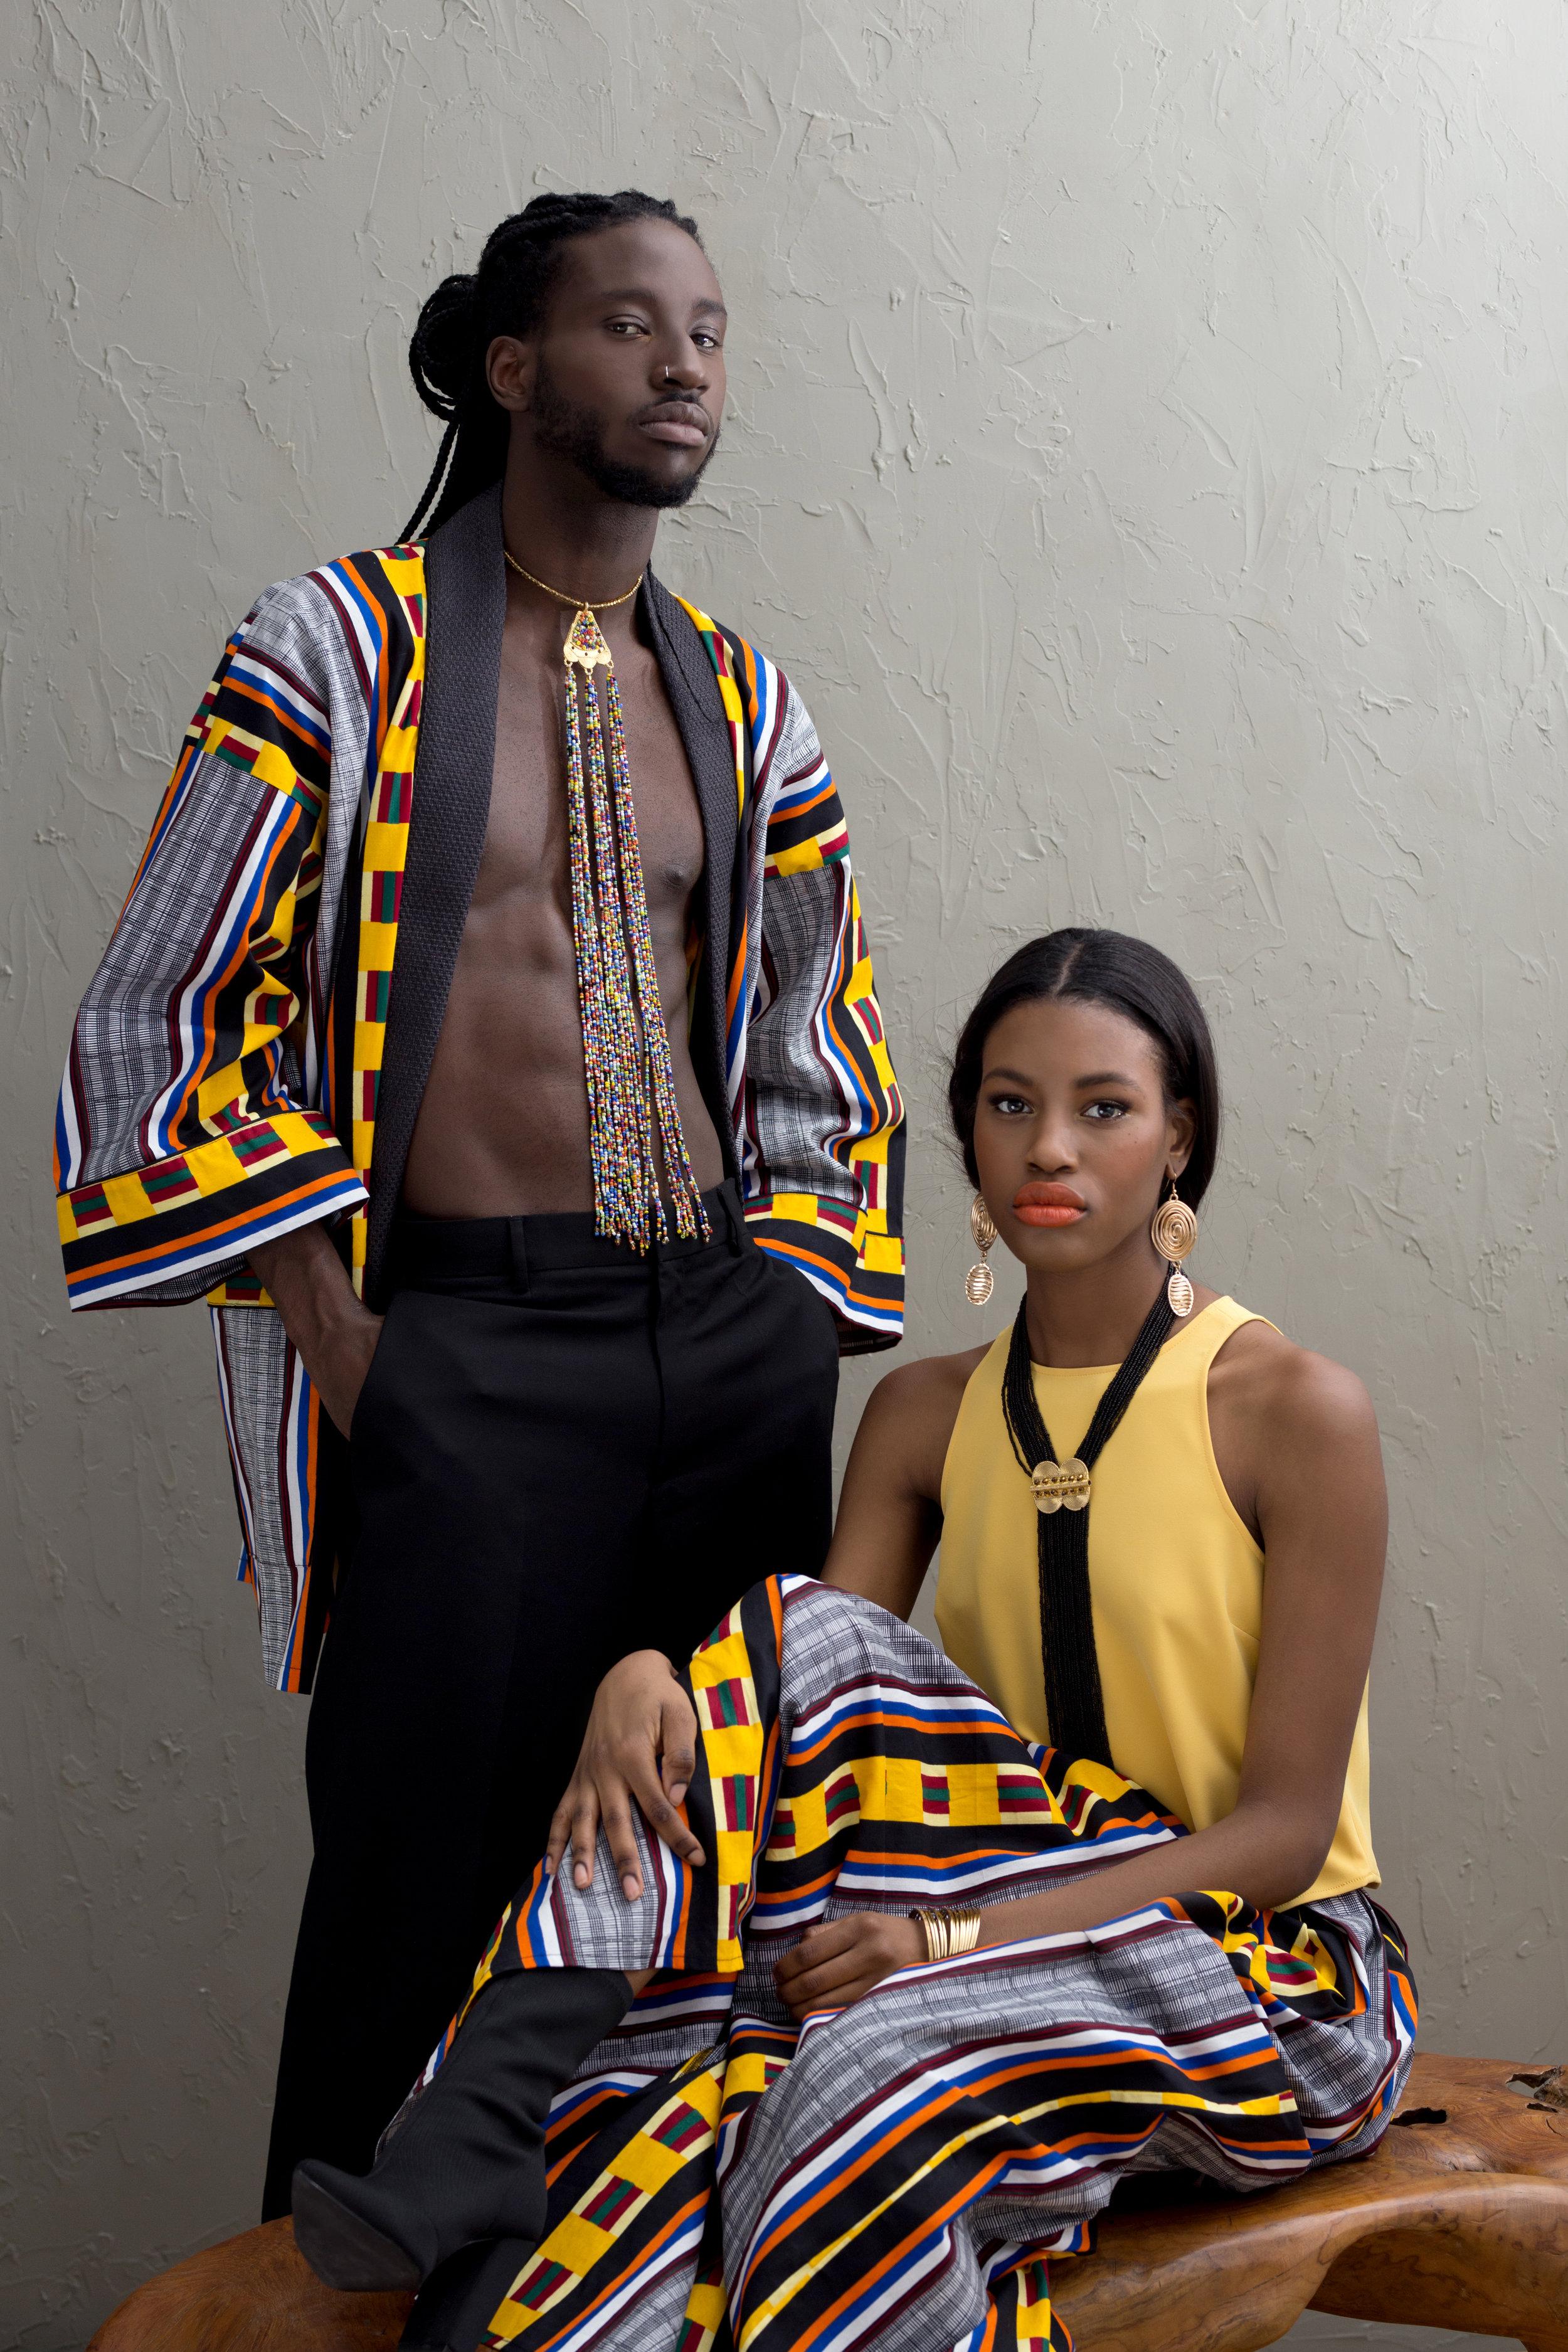 juliestgeorgesphotographe-africainshoot01